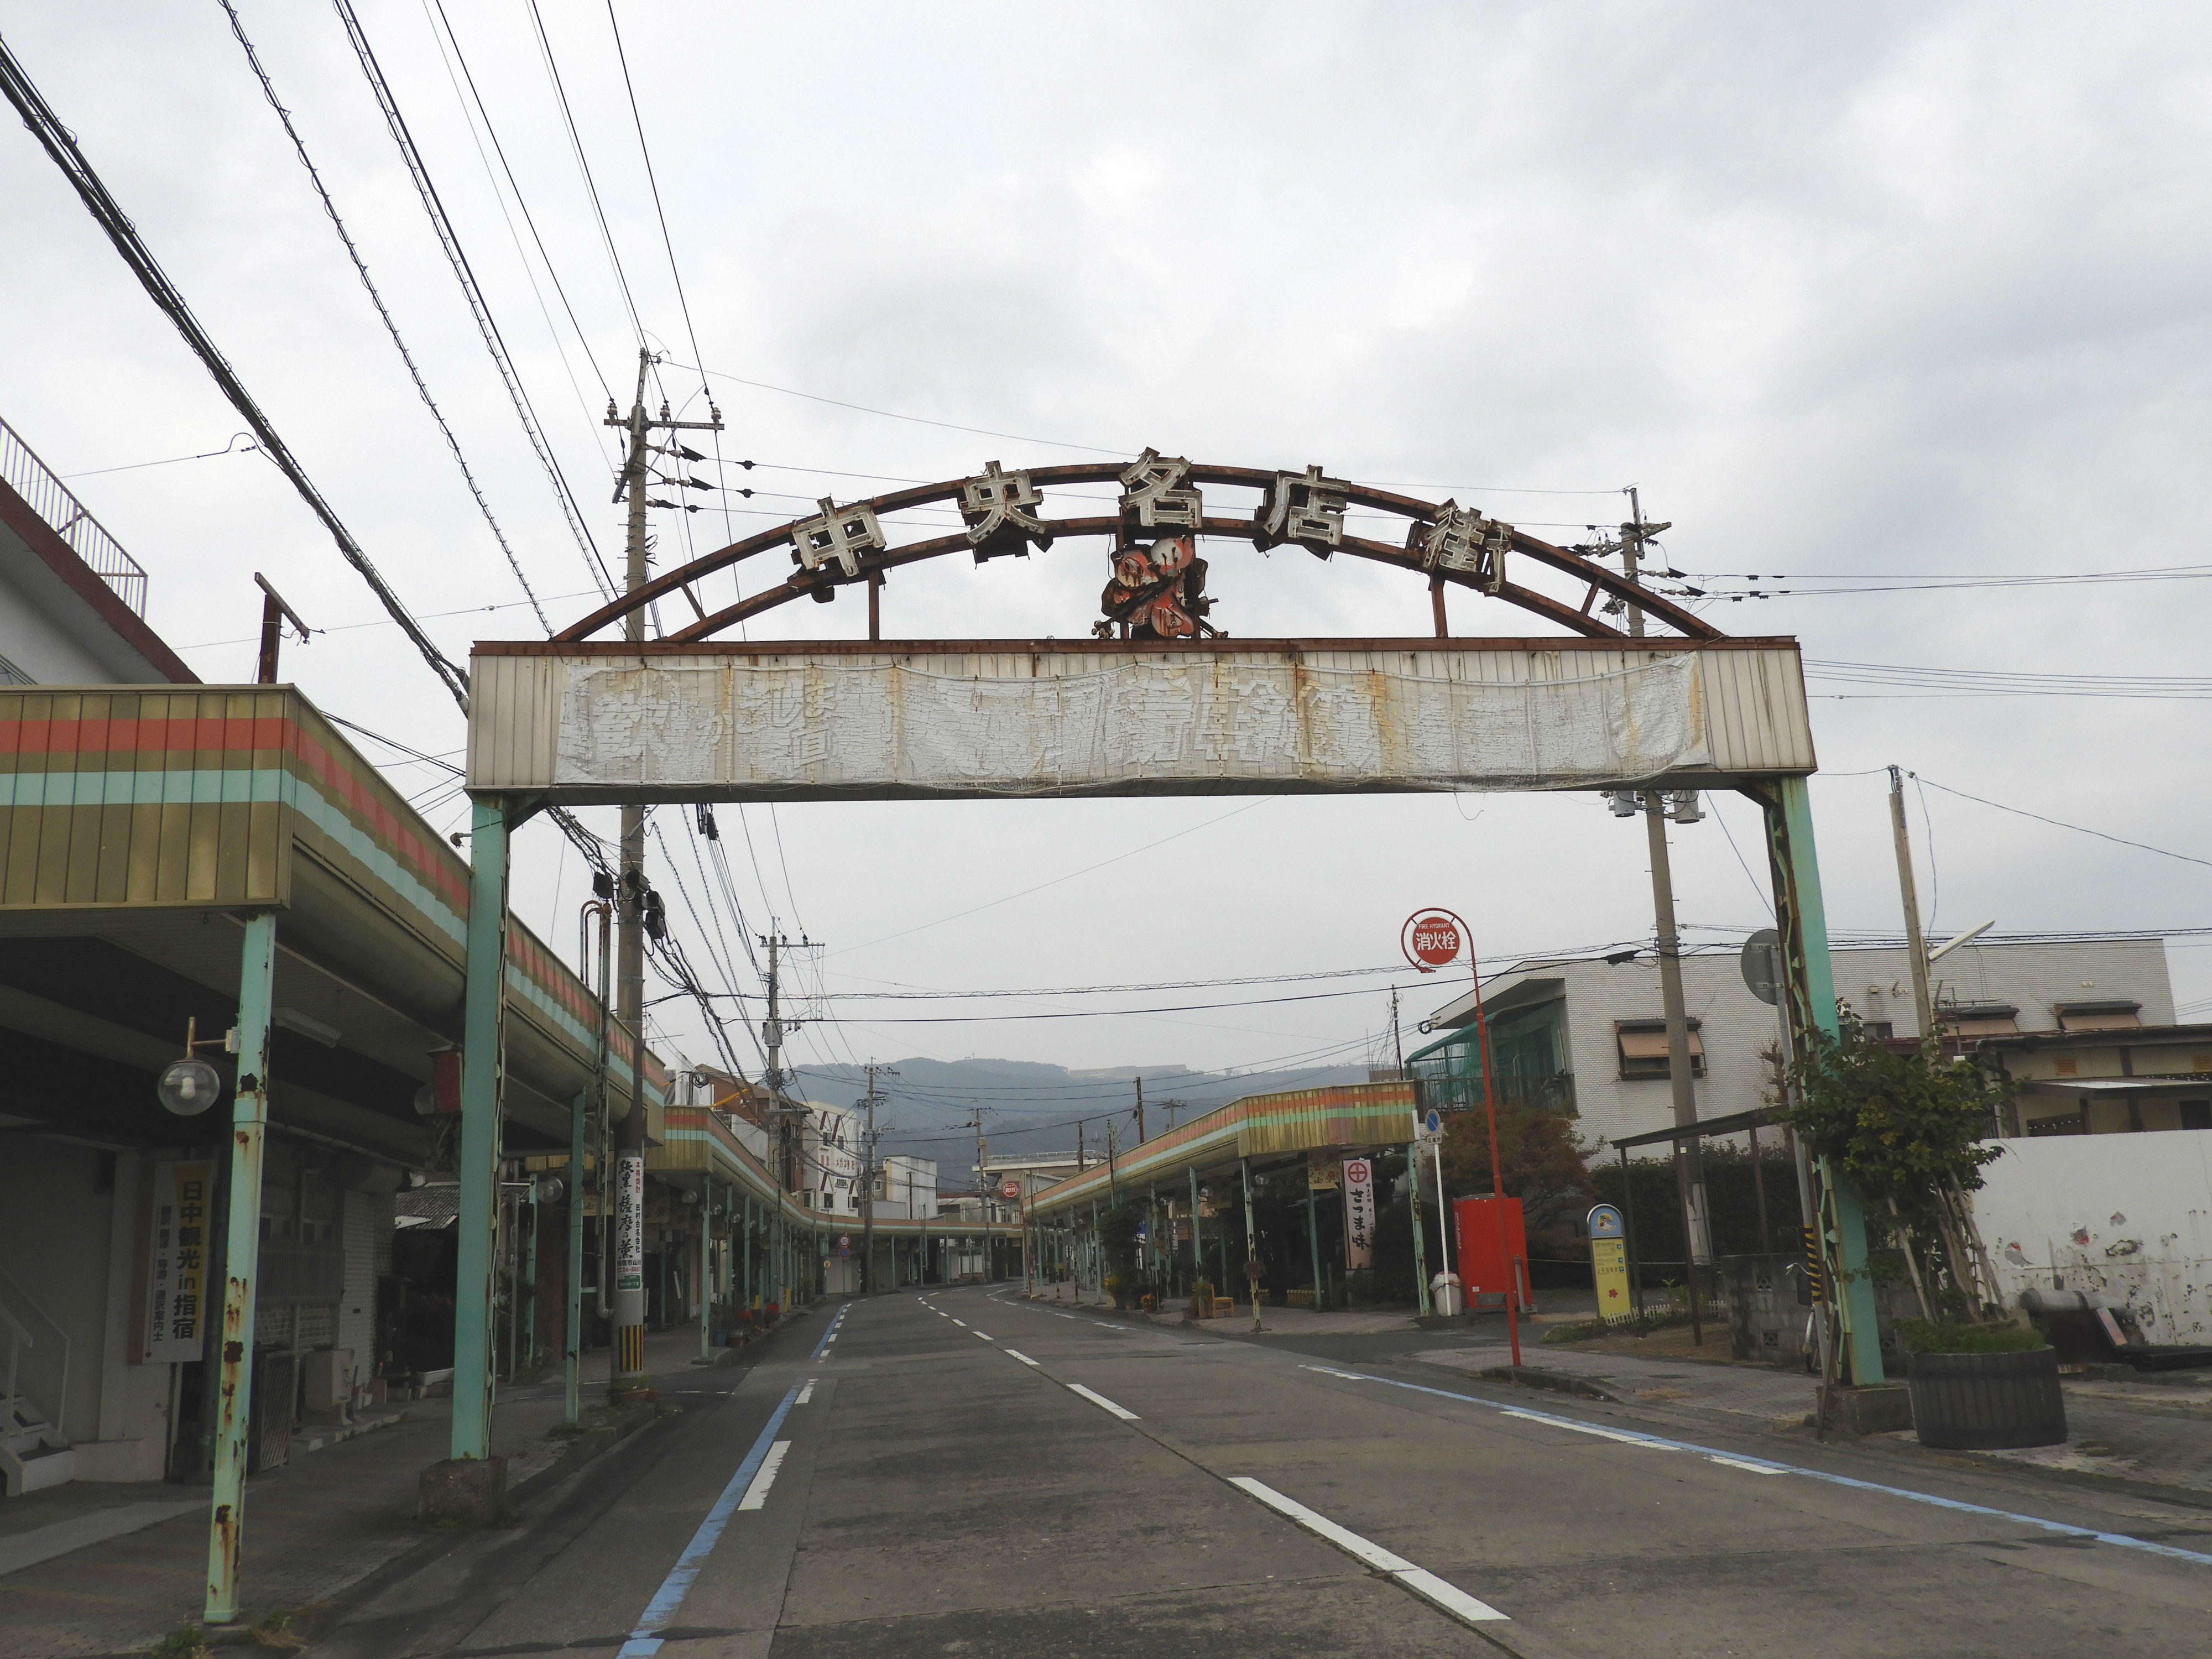 http://hunter-investigate.jp/news/d9cfba31d8743a681481e22500df5adf17332834.JPG